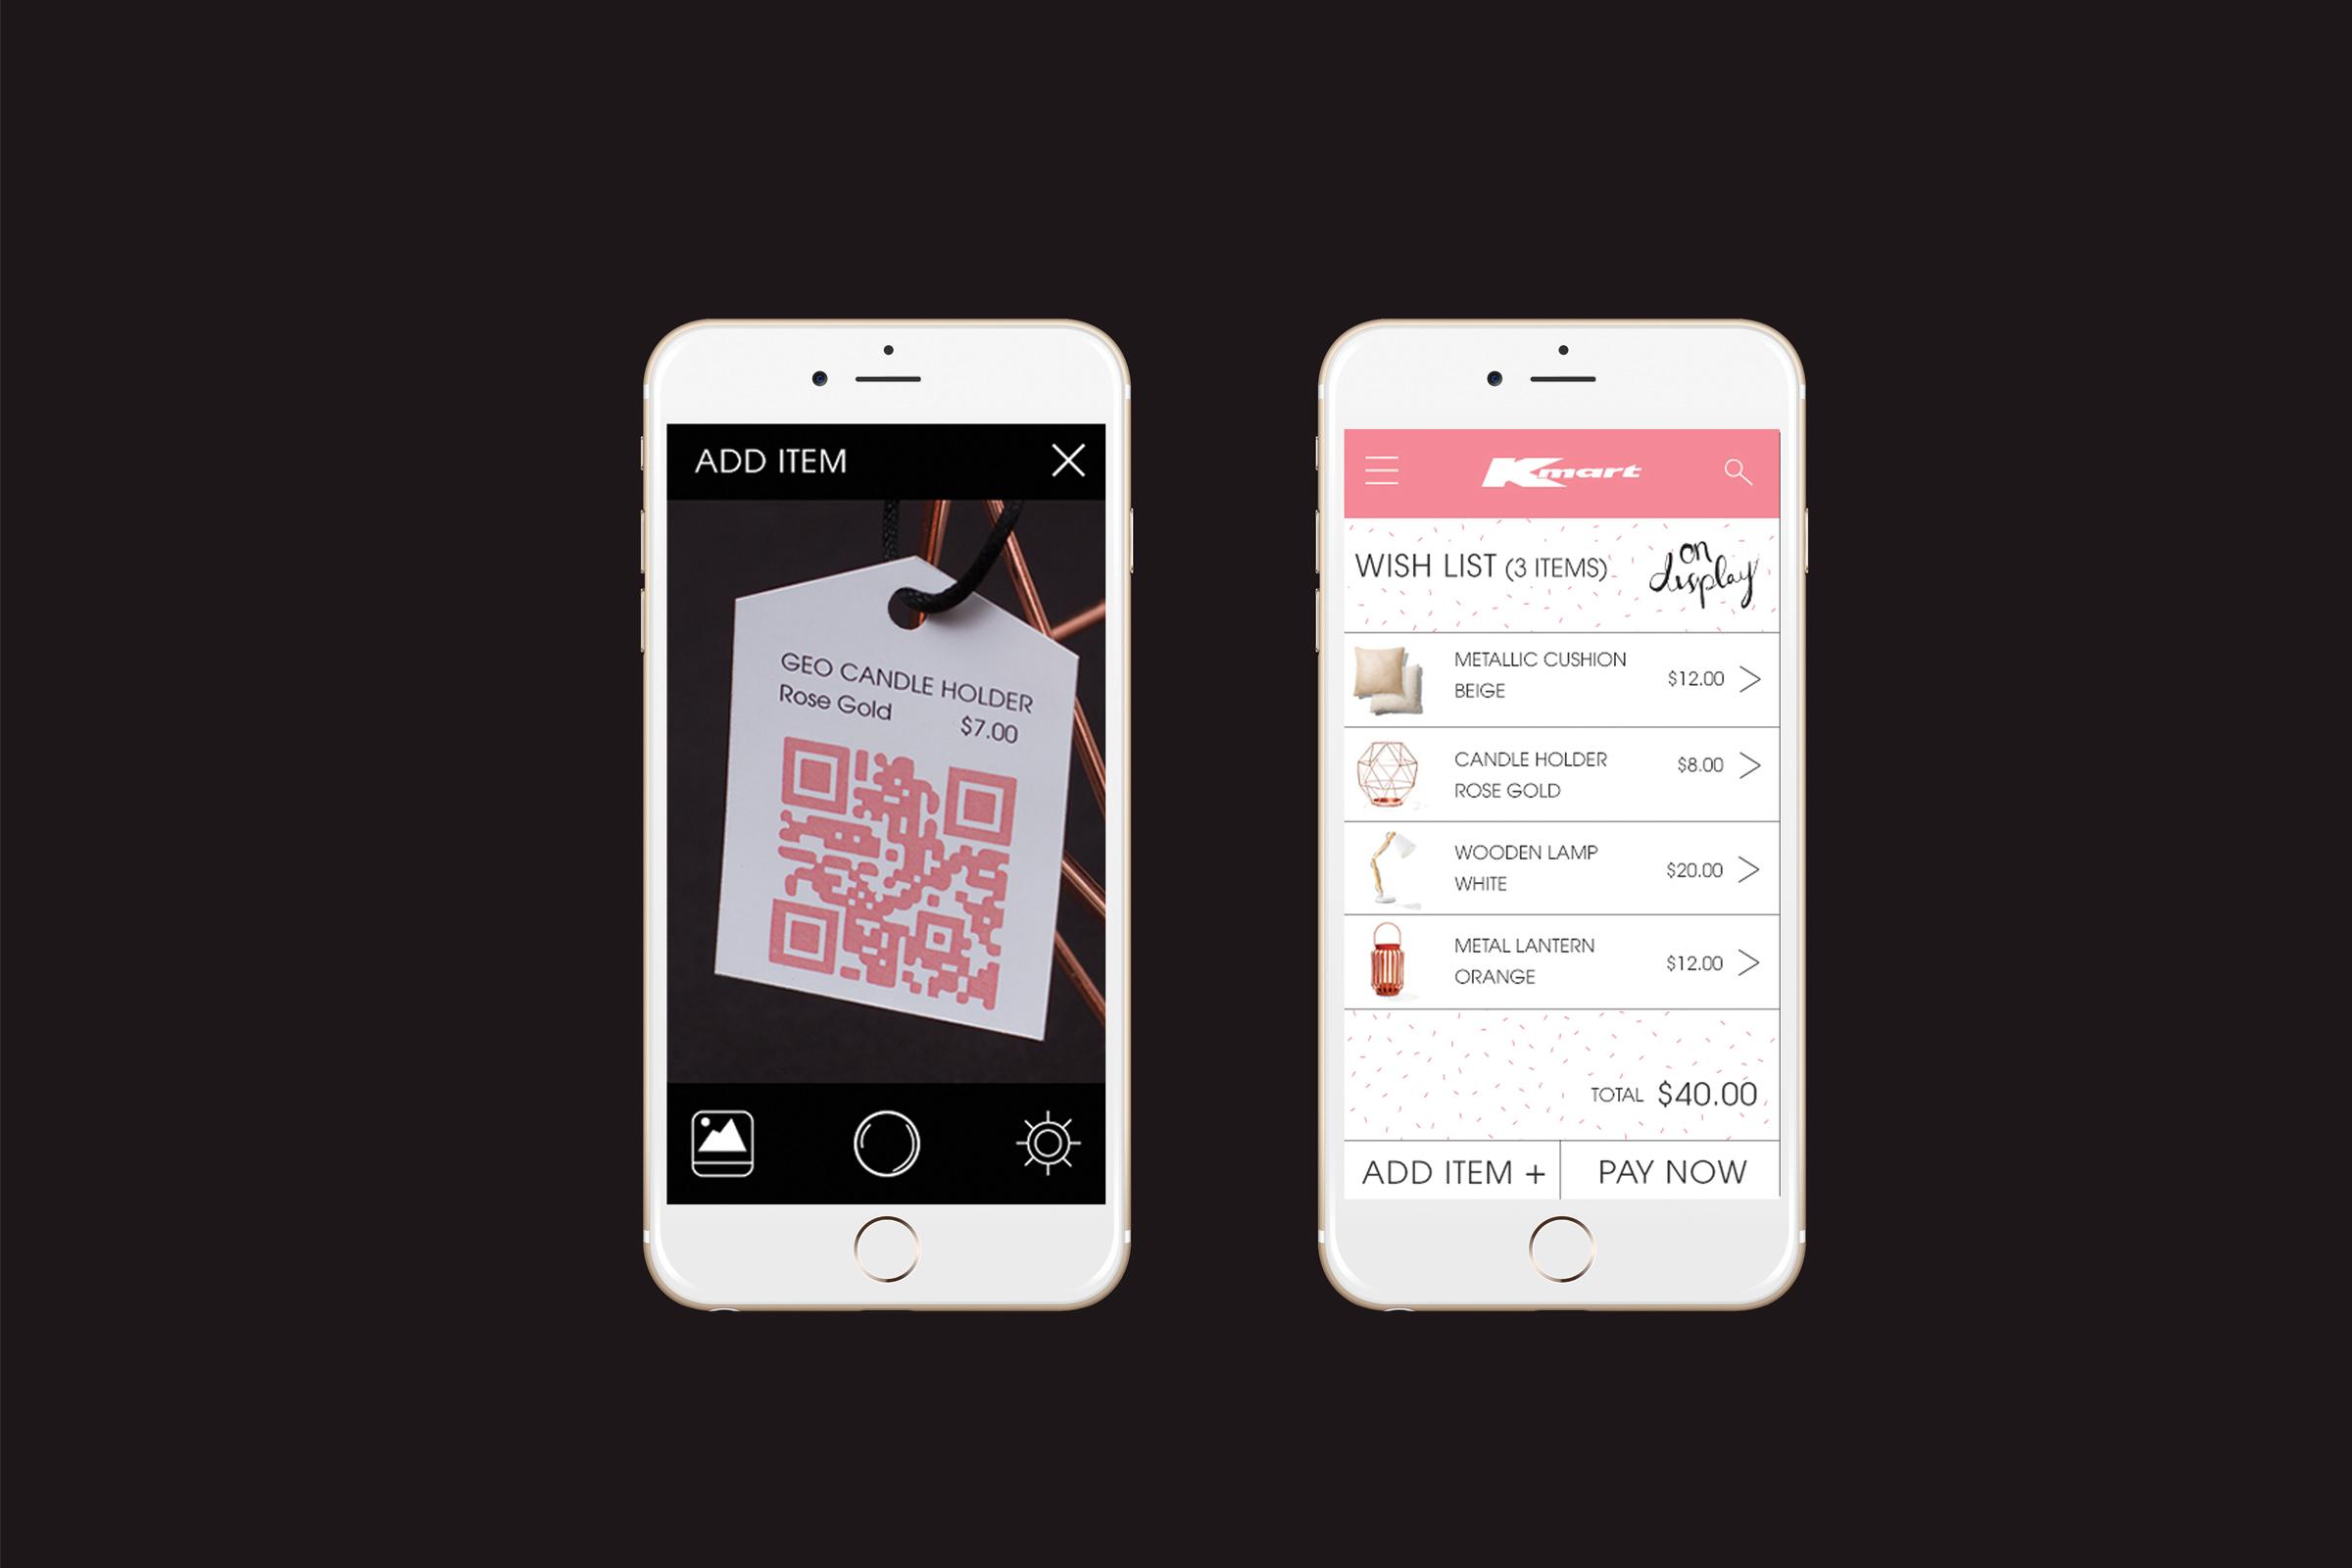 tahmena-lutfi-kmart-app.jpg